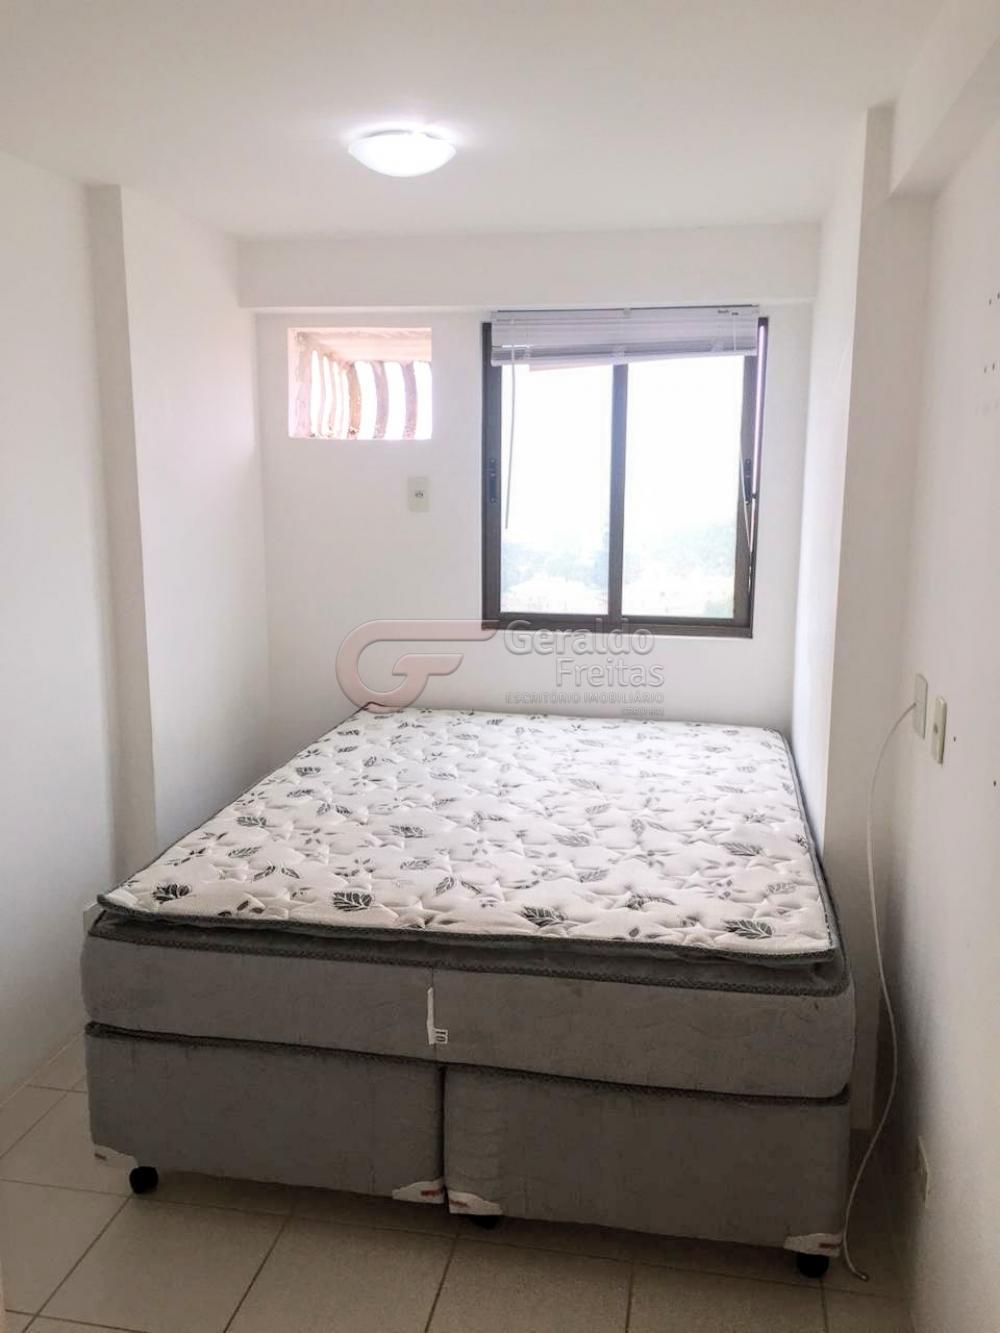 Comprar Apartamentos / Padrão em Maceió apenas R$ 190.000,00 - Foto 5